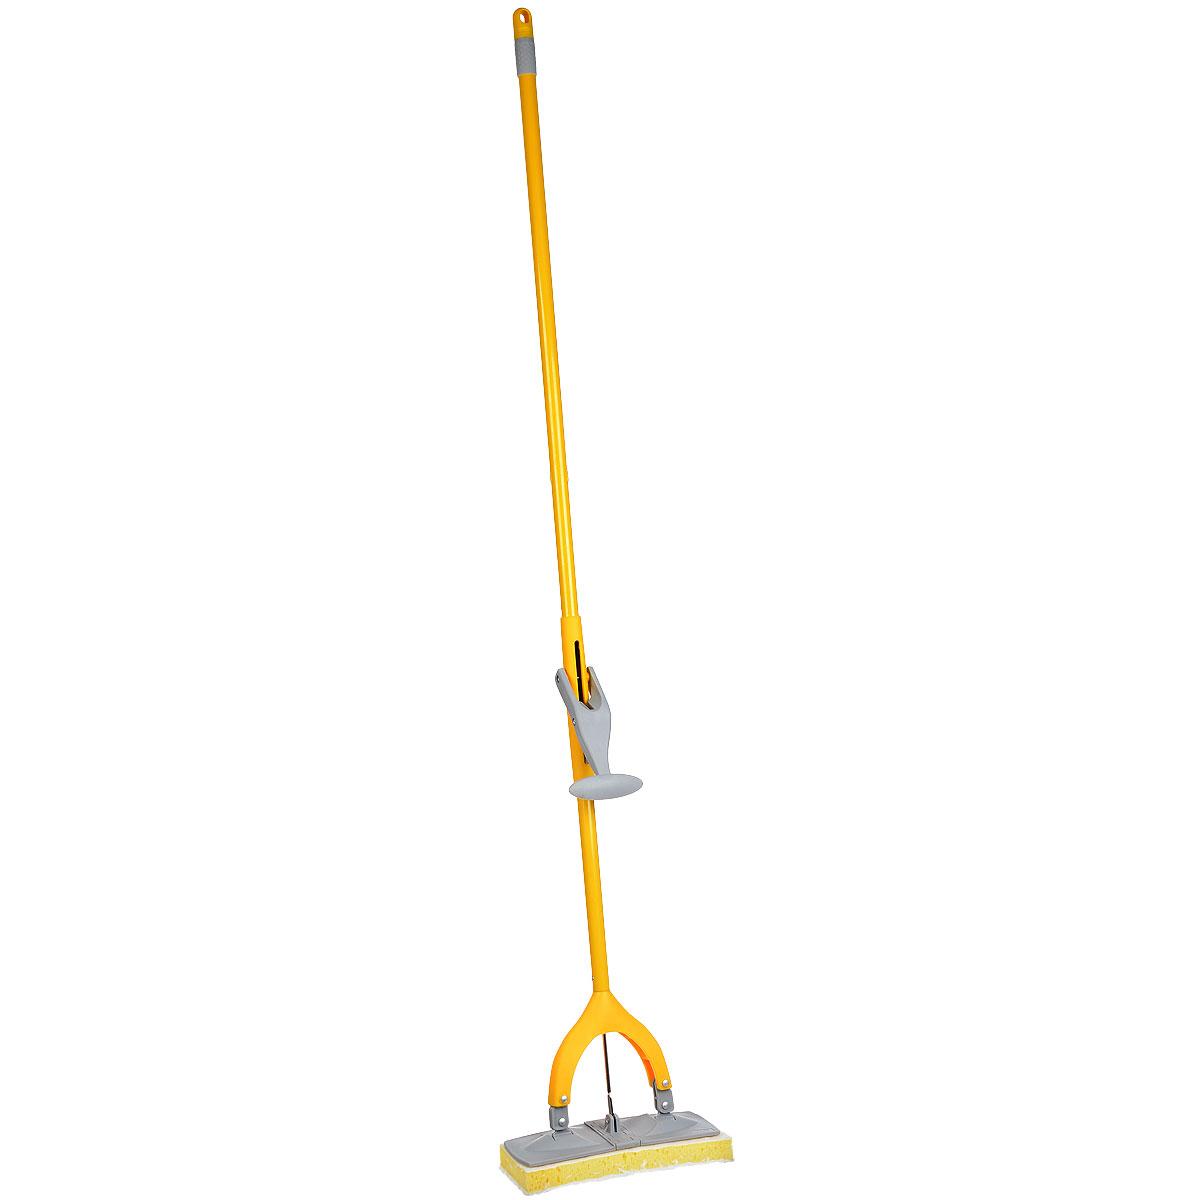 Поломой Apex Squizzo, с отжимом, цвет: серый, желтыйVCA-00Поломой Apex Squizzo предназначен для уборки в доме. Насадка, изготовленная из поролона, крепится к стальной трубке. Насадка имеет специальную форму, которая позволяет легко и качественно мыть полы. Специальная система отжима позволяет отжимать воду более эффективно, чем вручную.Размер рабочей поверхности: 27 х 9,5 см.Длина ручки: 135 см.